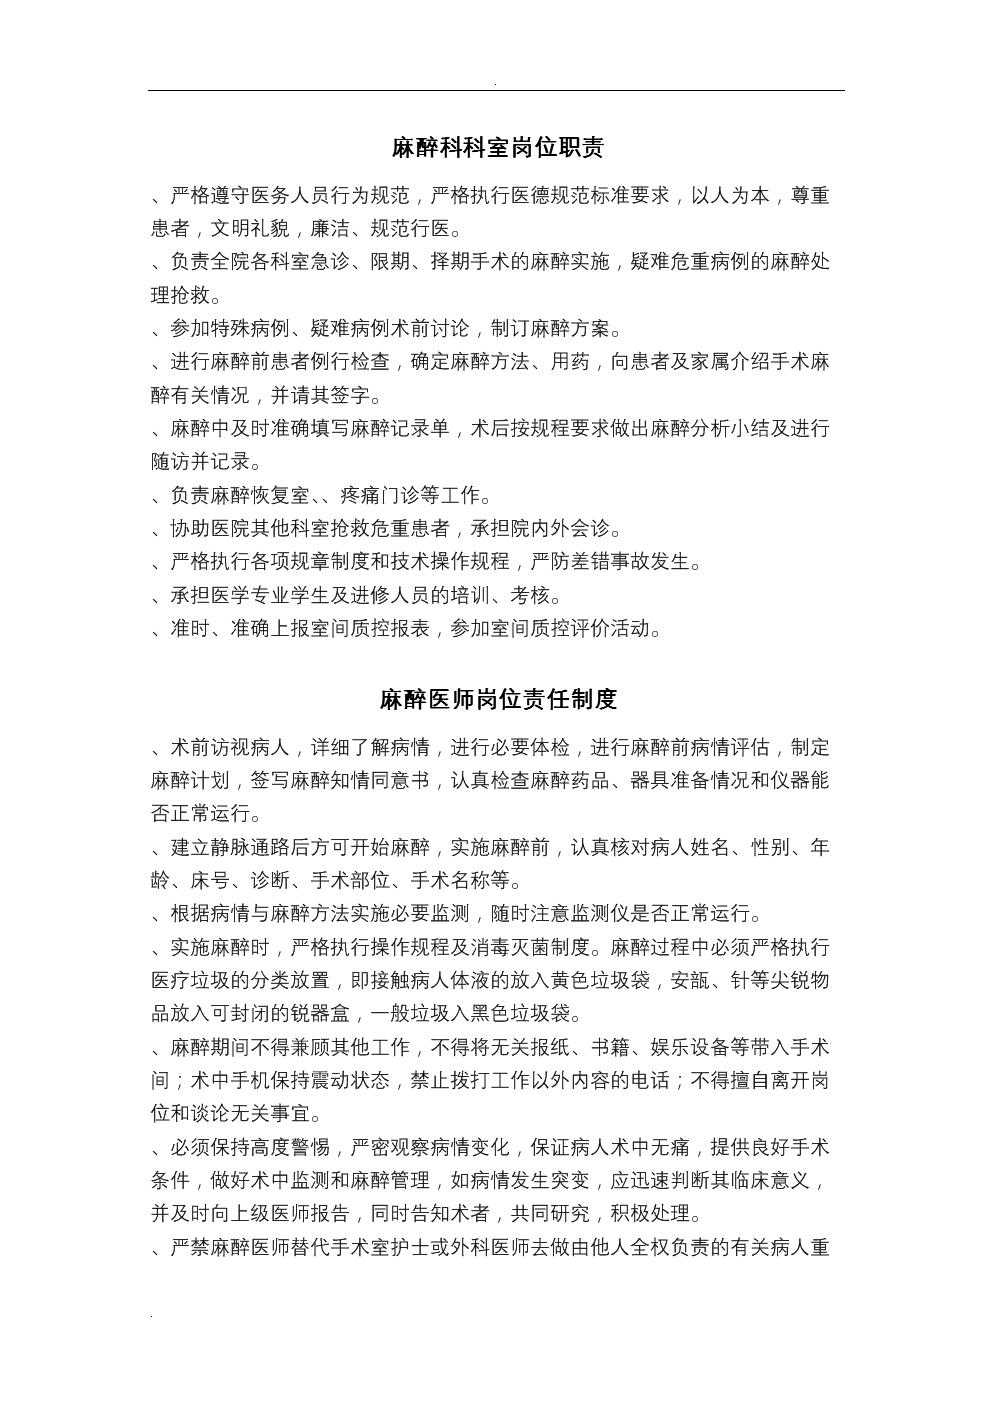 麻醉科科室岗位职责三.doc